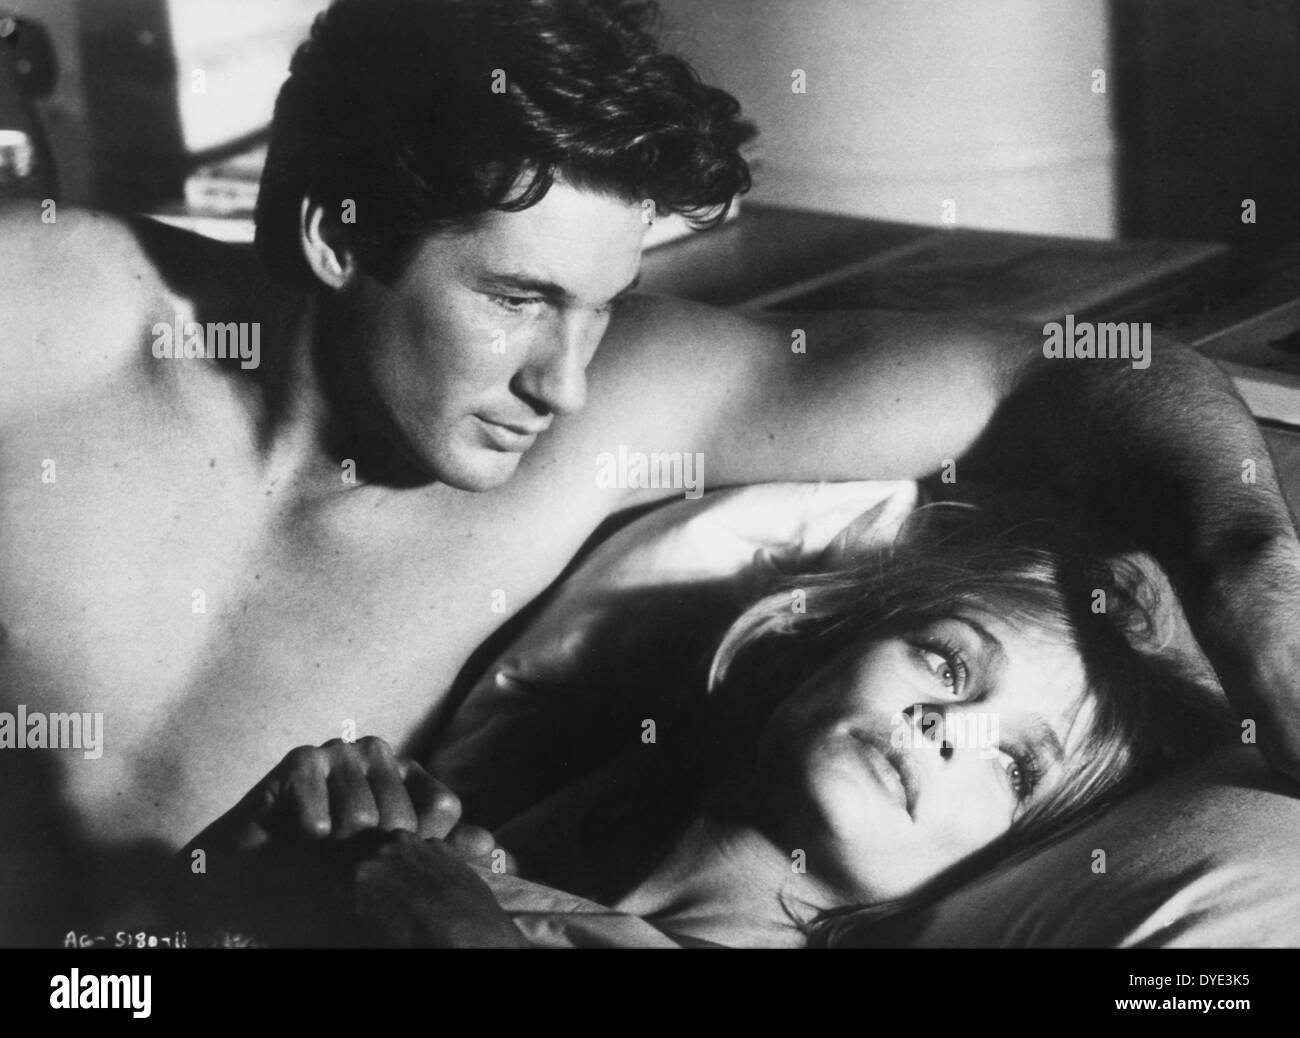 Richard Gere y Lauren Hutton, en el plató de la película, 'American Gigolo', 1980 Imagen De Stock